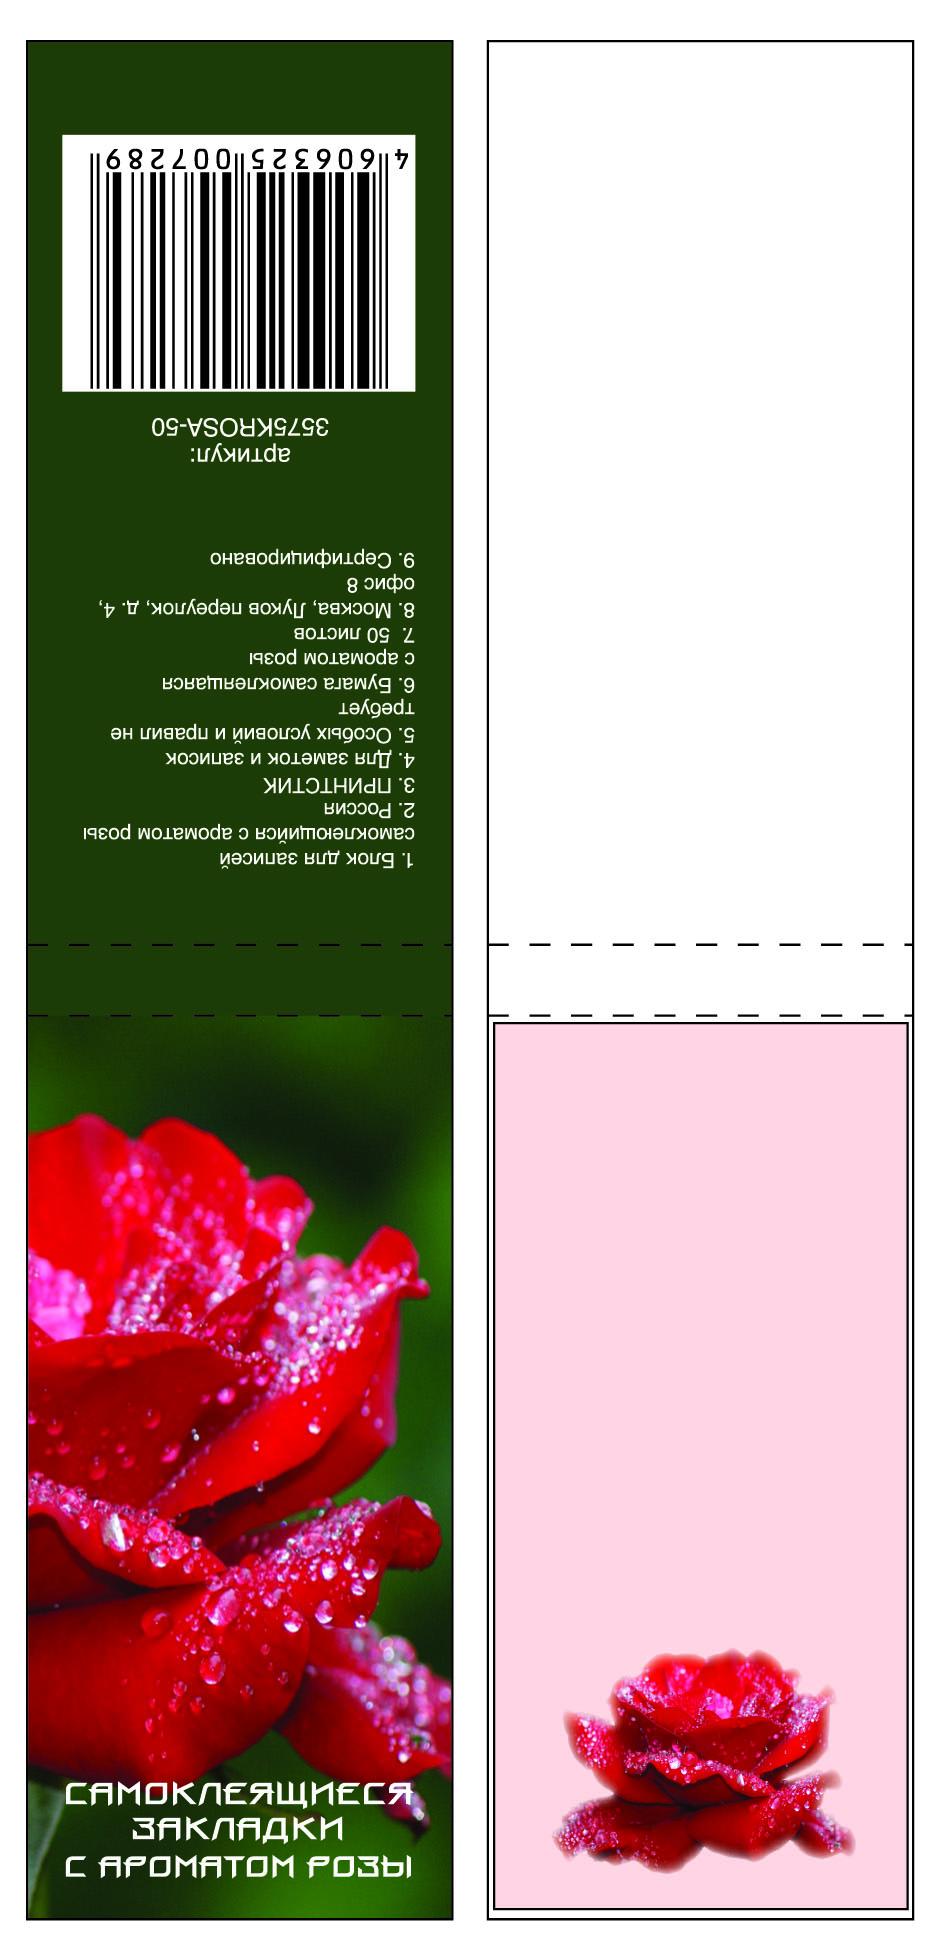 Самоклеящийся блок с ароматом розы (мал.)